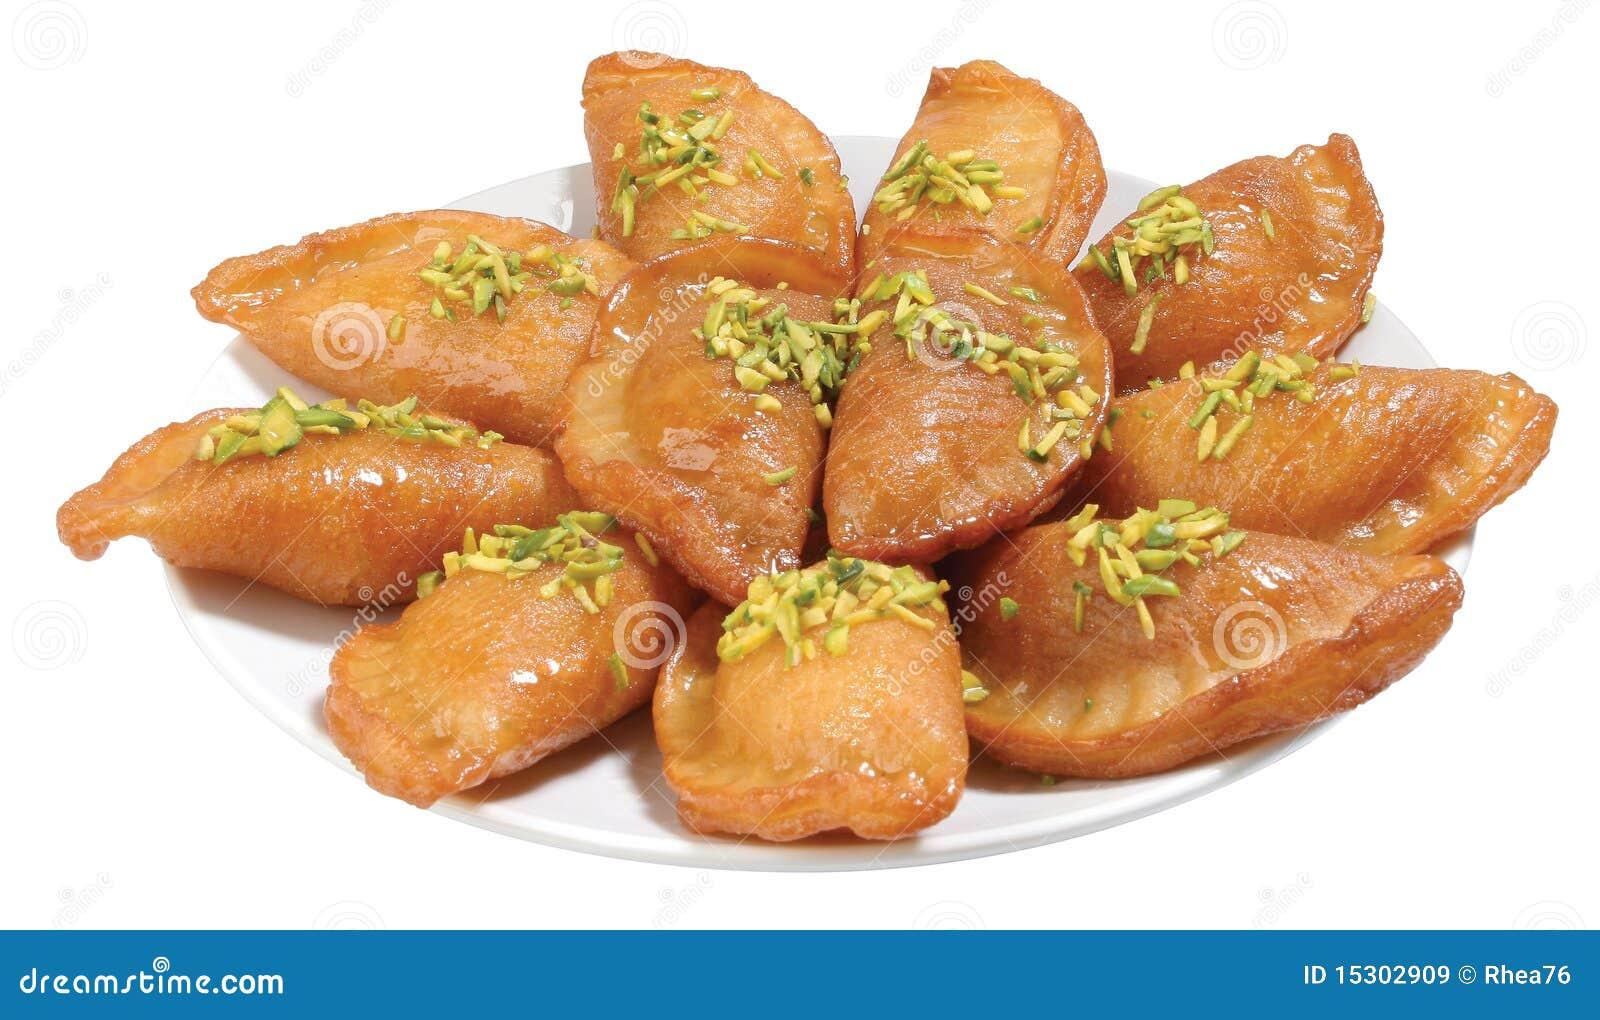 Qatayef  Qatayef